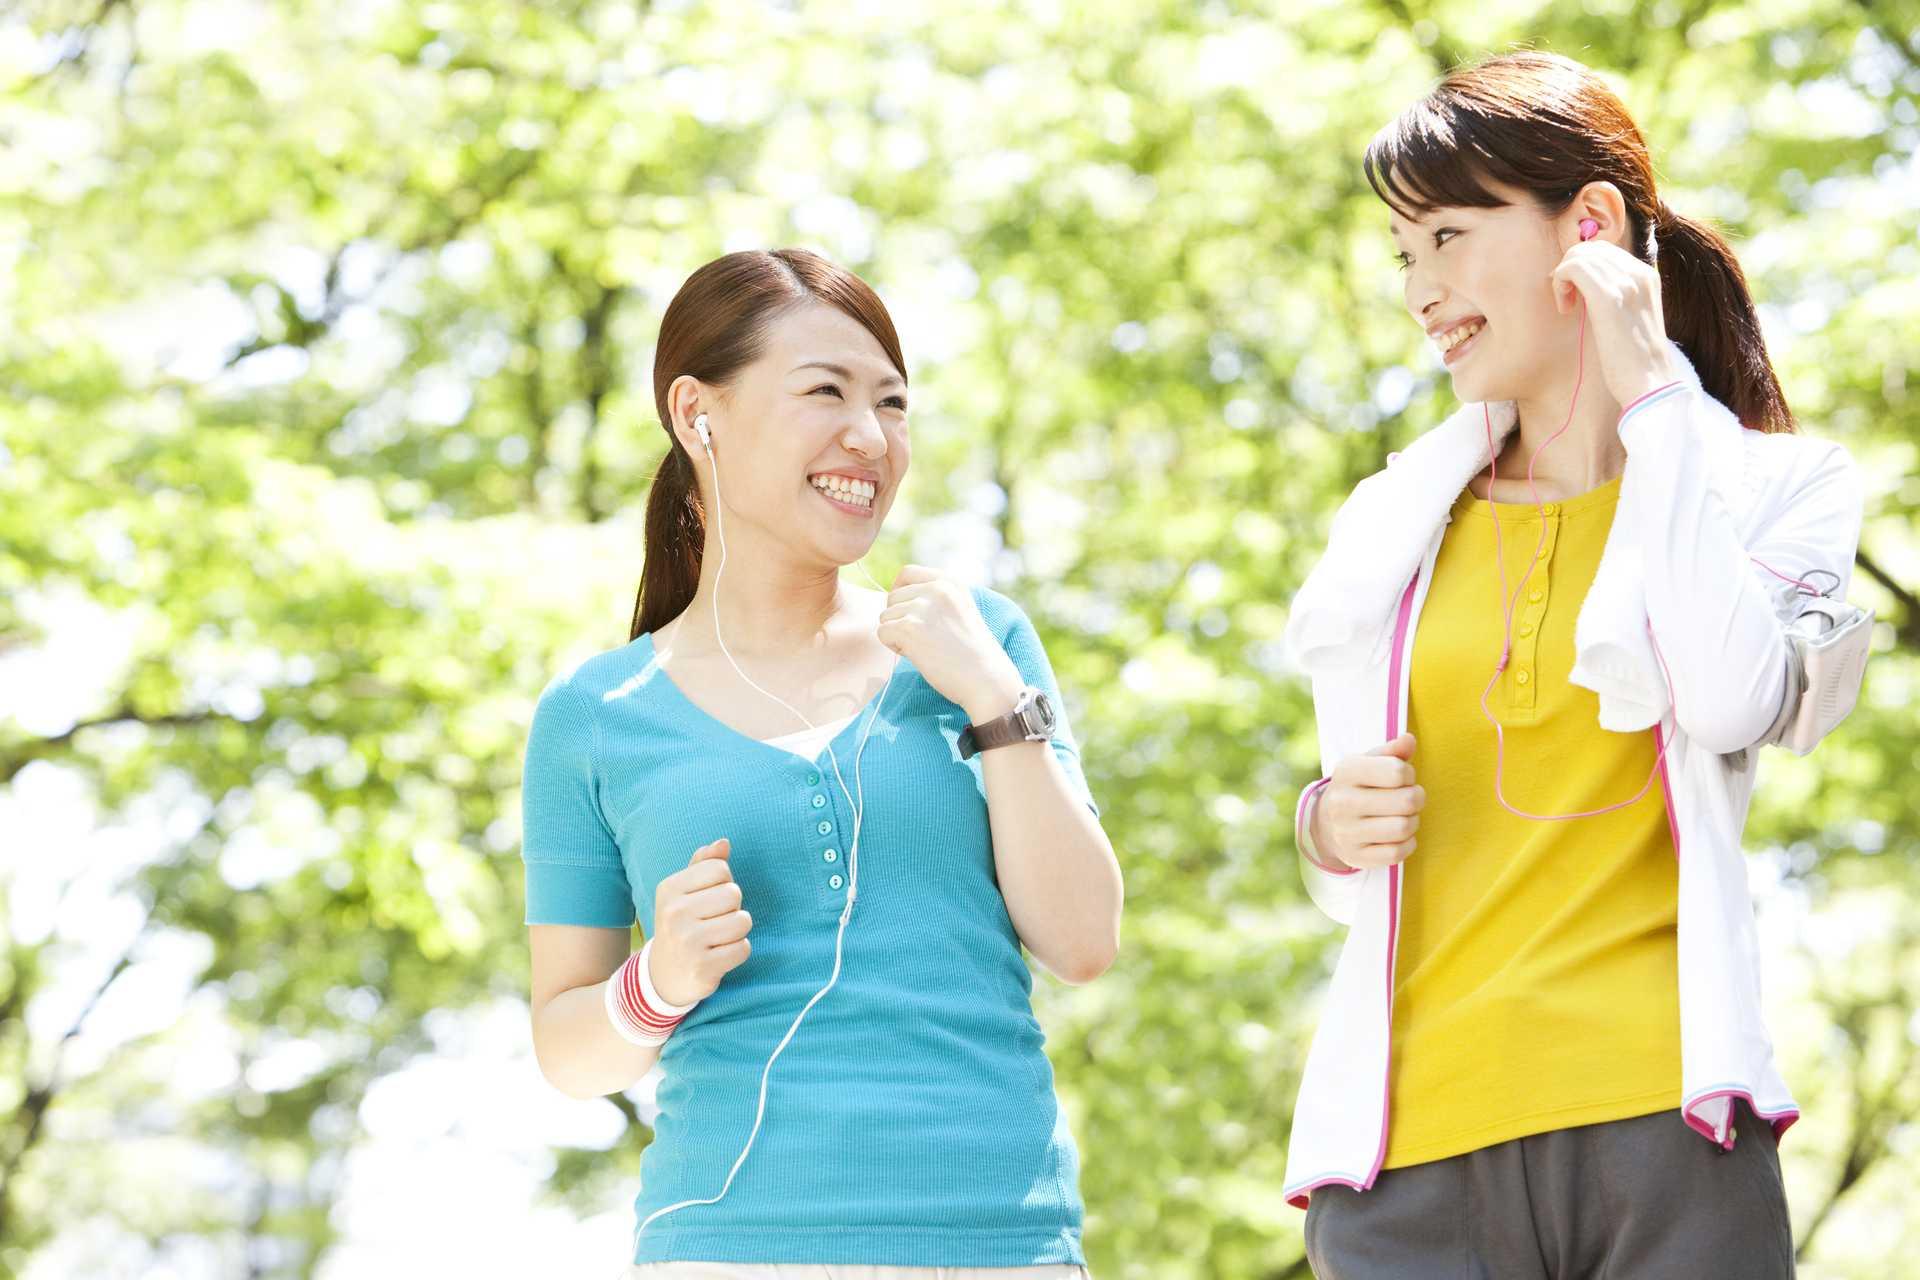 音楽は、テンションを最高潮まで一気に押し上げてくれる。   散歩の楽しみ方に気づく30のポイント